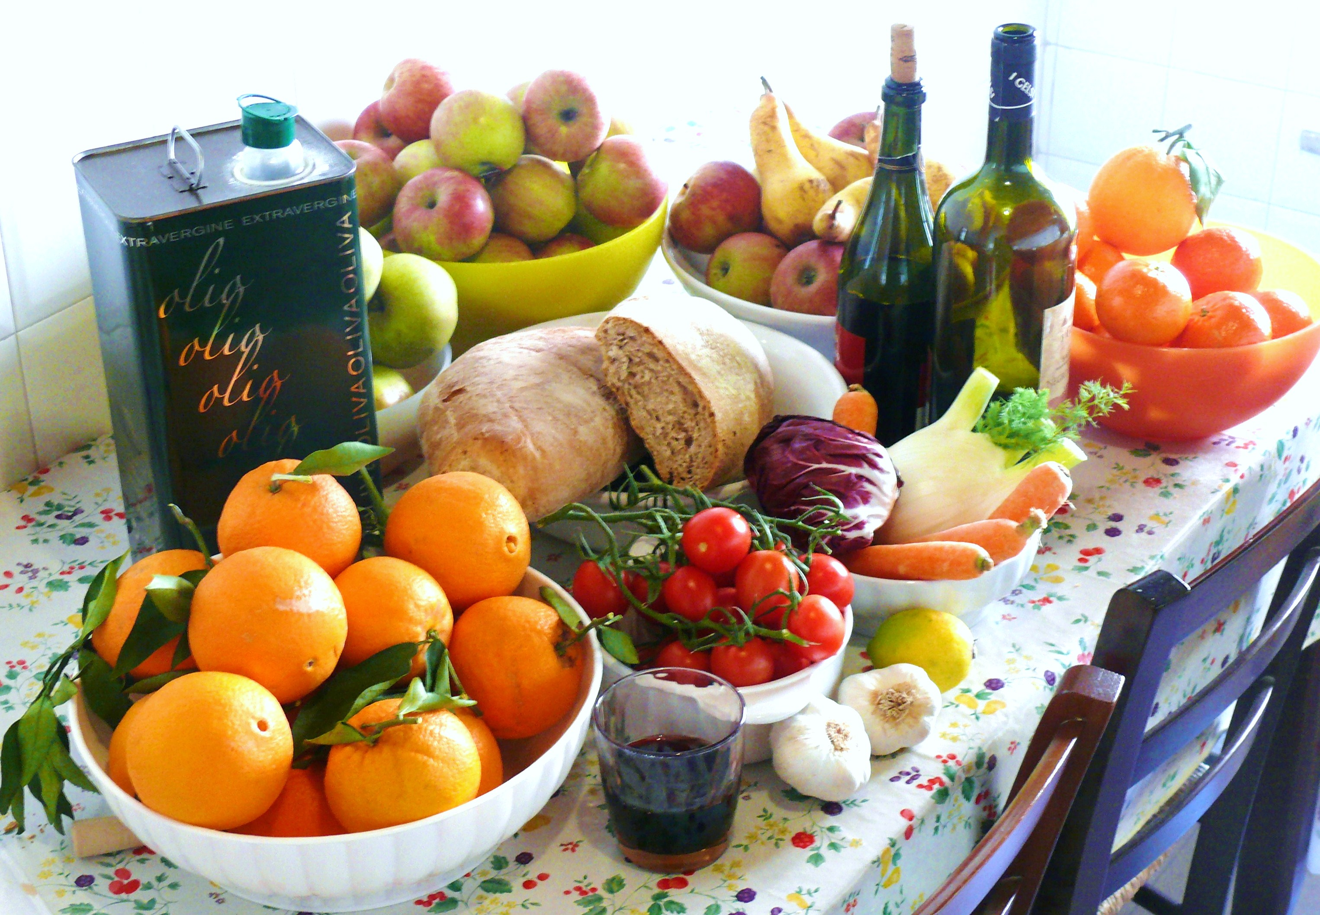 Dieta Settimanale Equilibrata Per Dimagrire : Dieta per mangiare sano consigli e altri modi per dimagrire